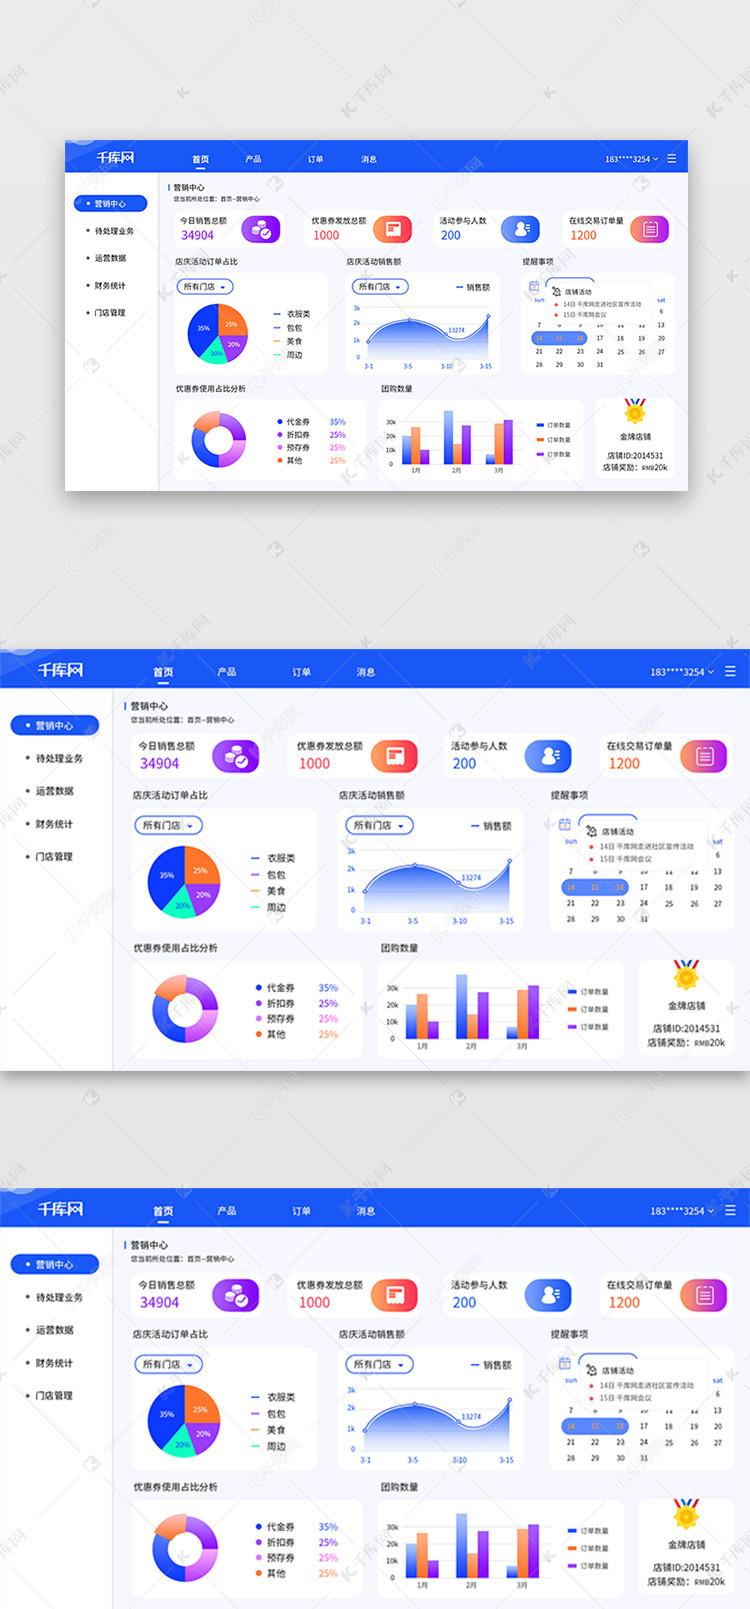 数据系简约页面羊舍可视化蓝色ui设计素材卡片和羊槽设计图图片